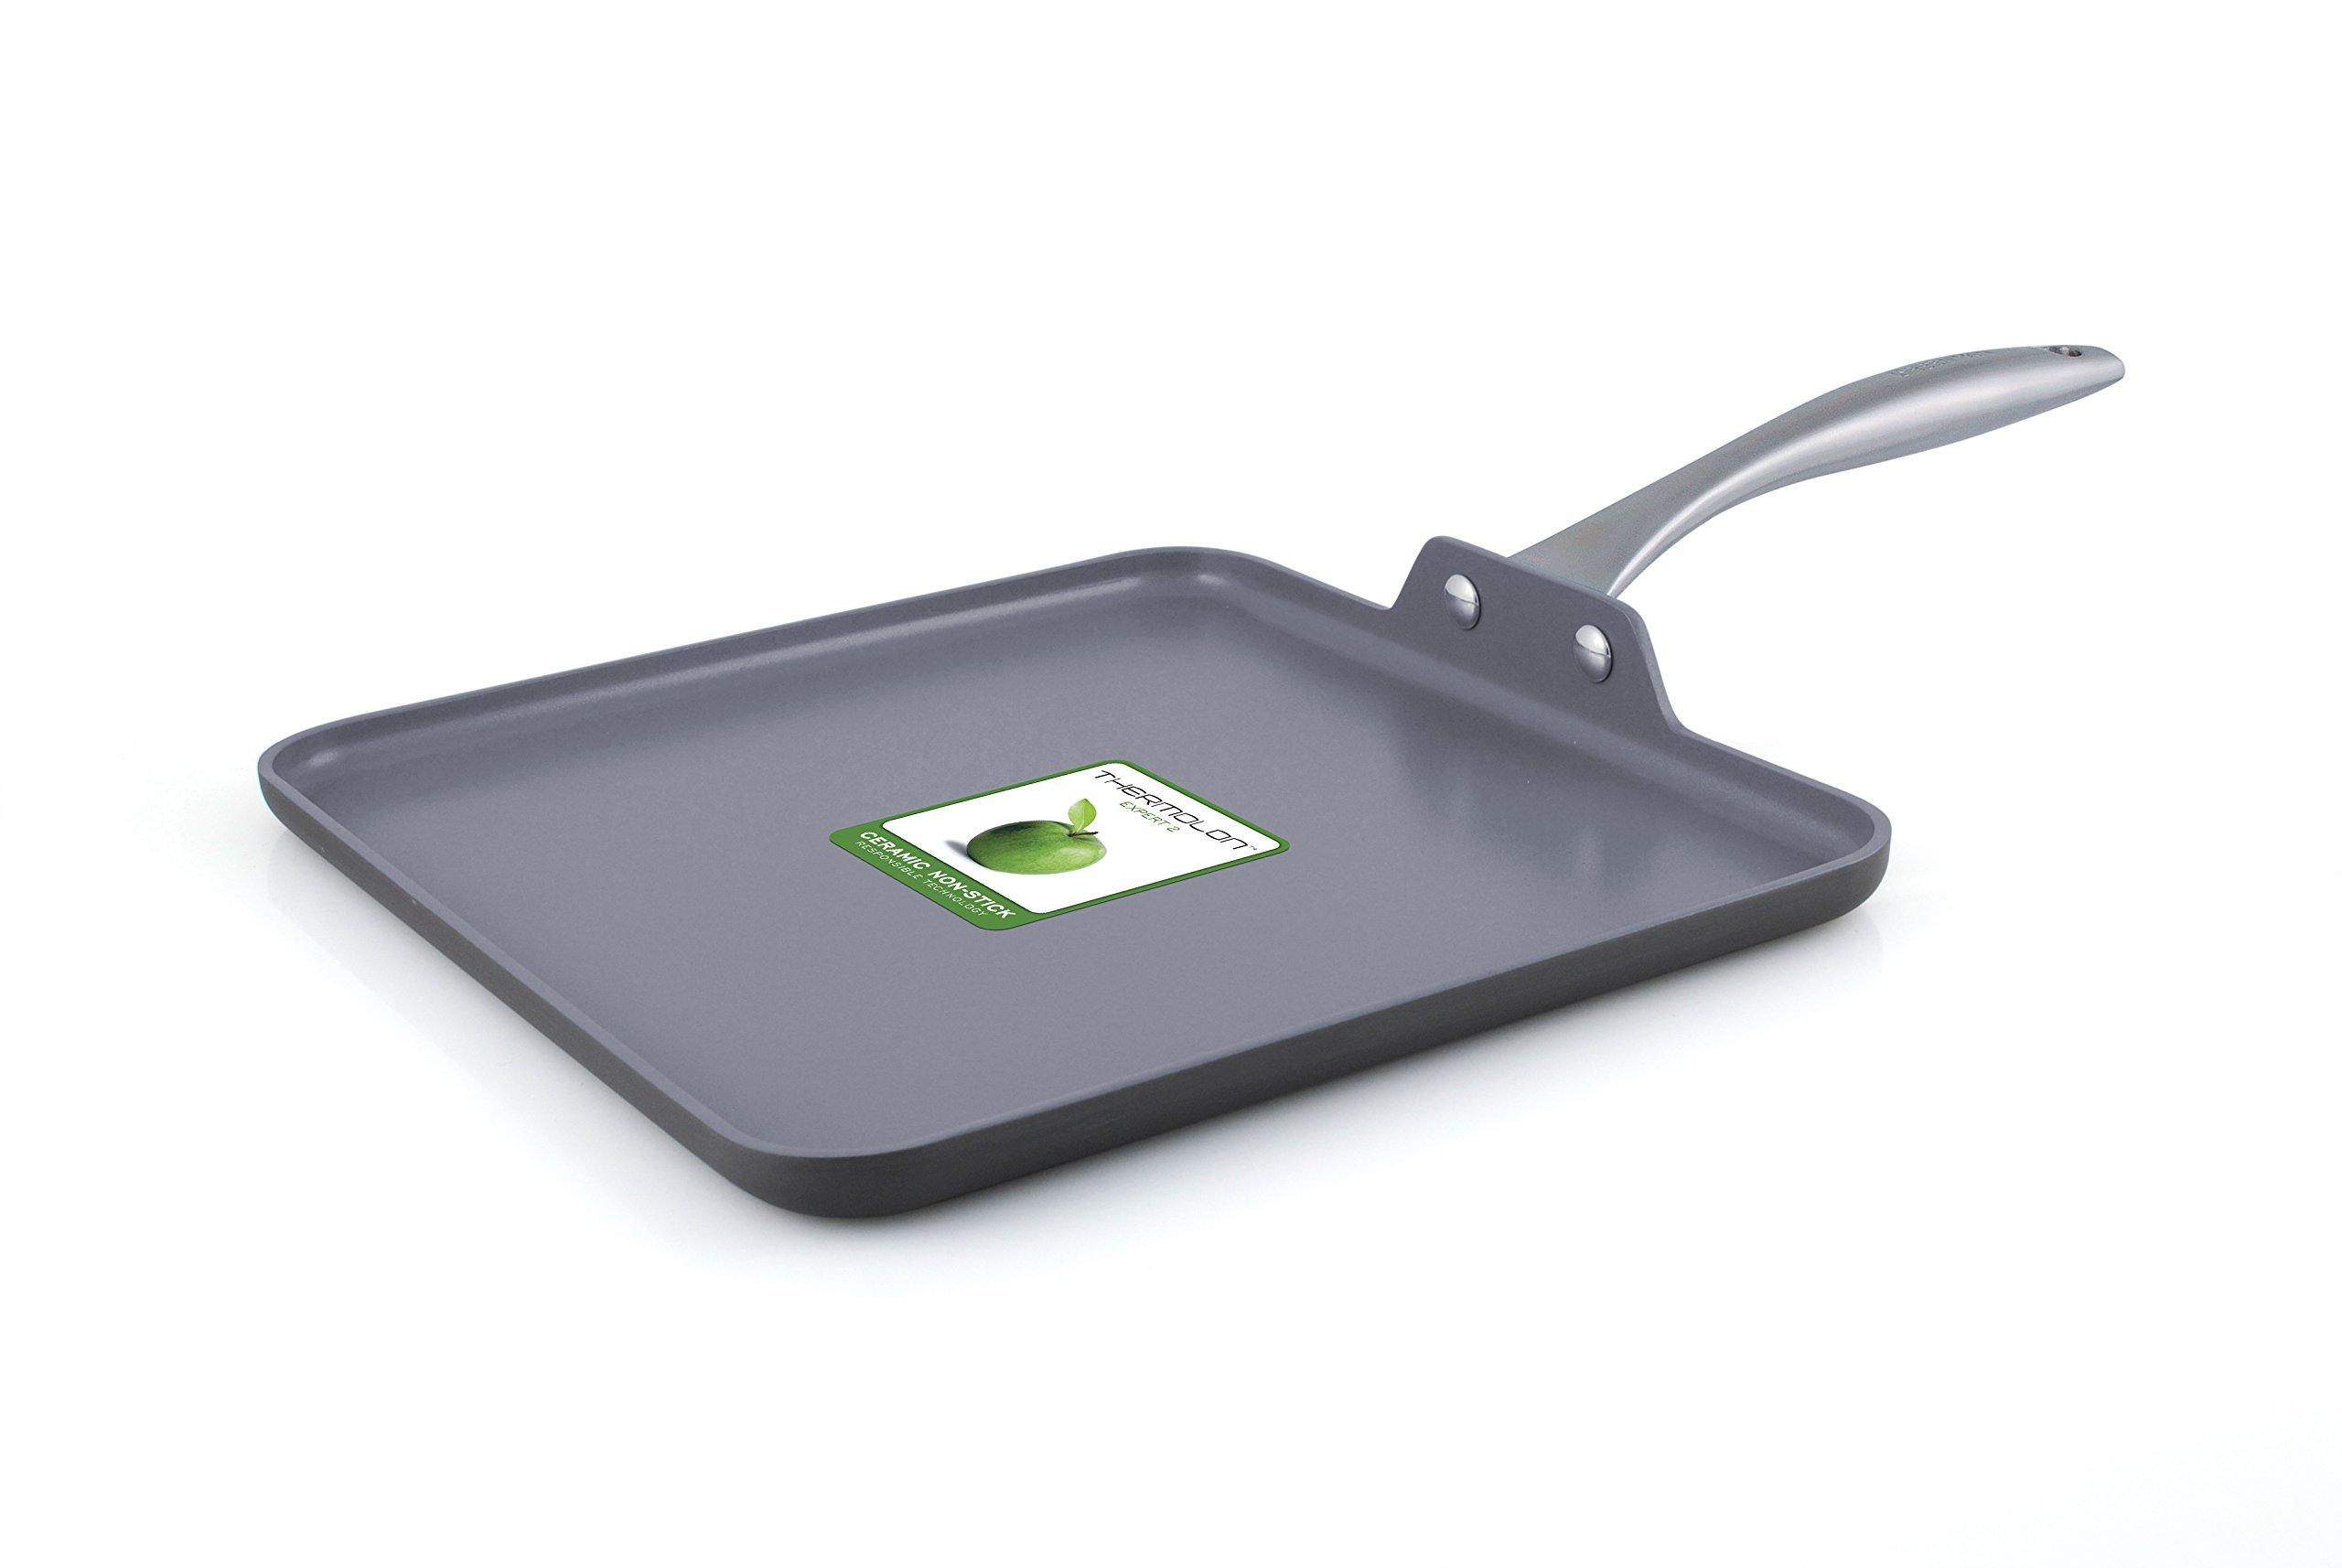 GreenPan Lima 11'' Ceramic Non-Stick Square Griddle